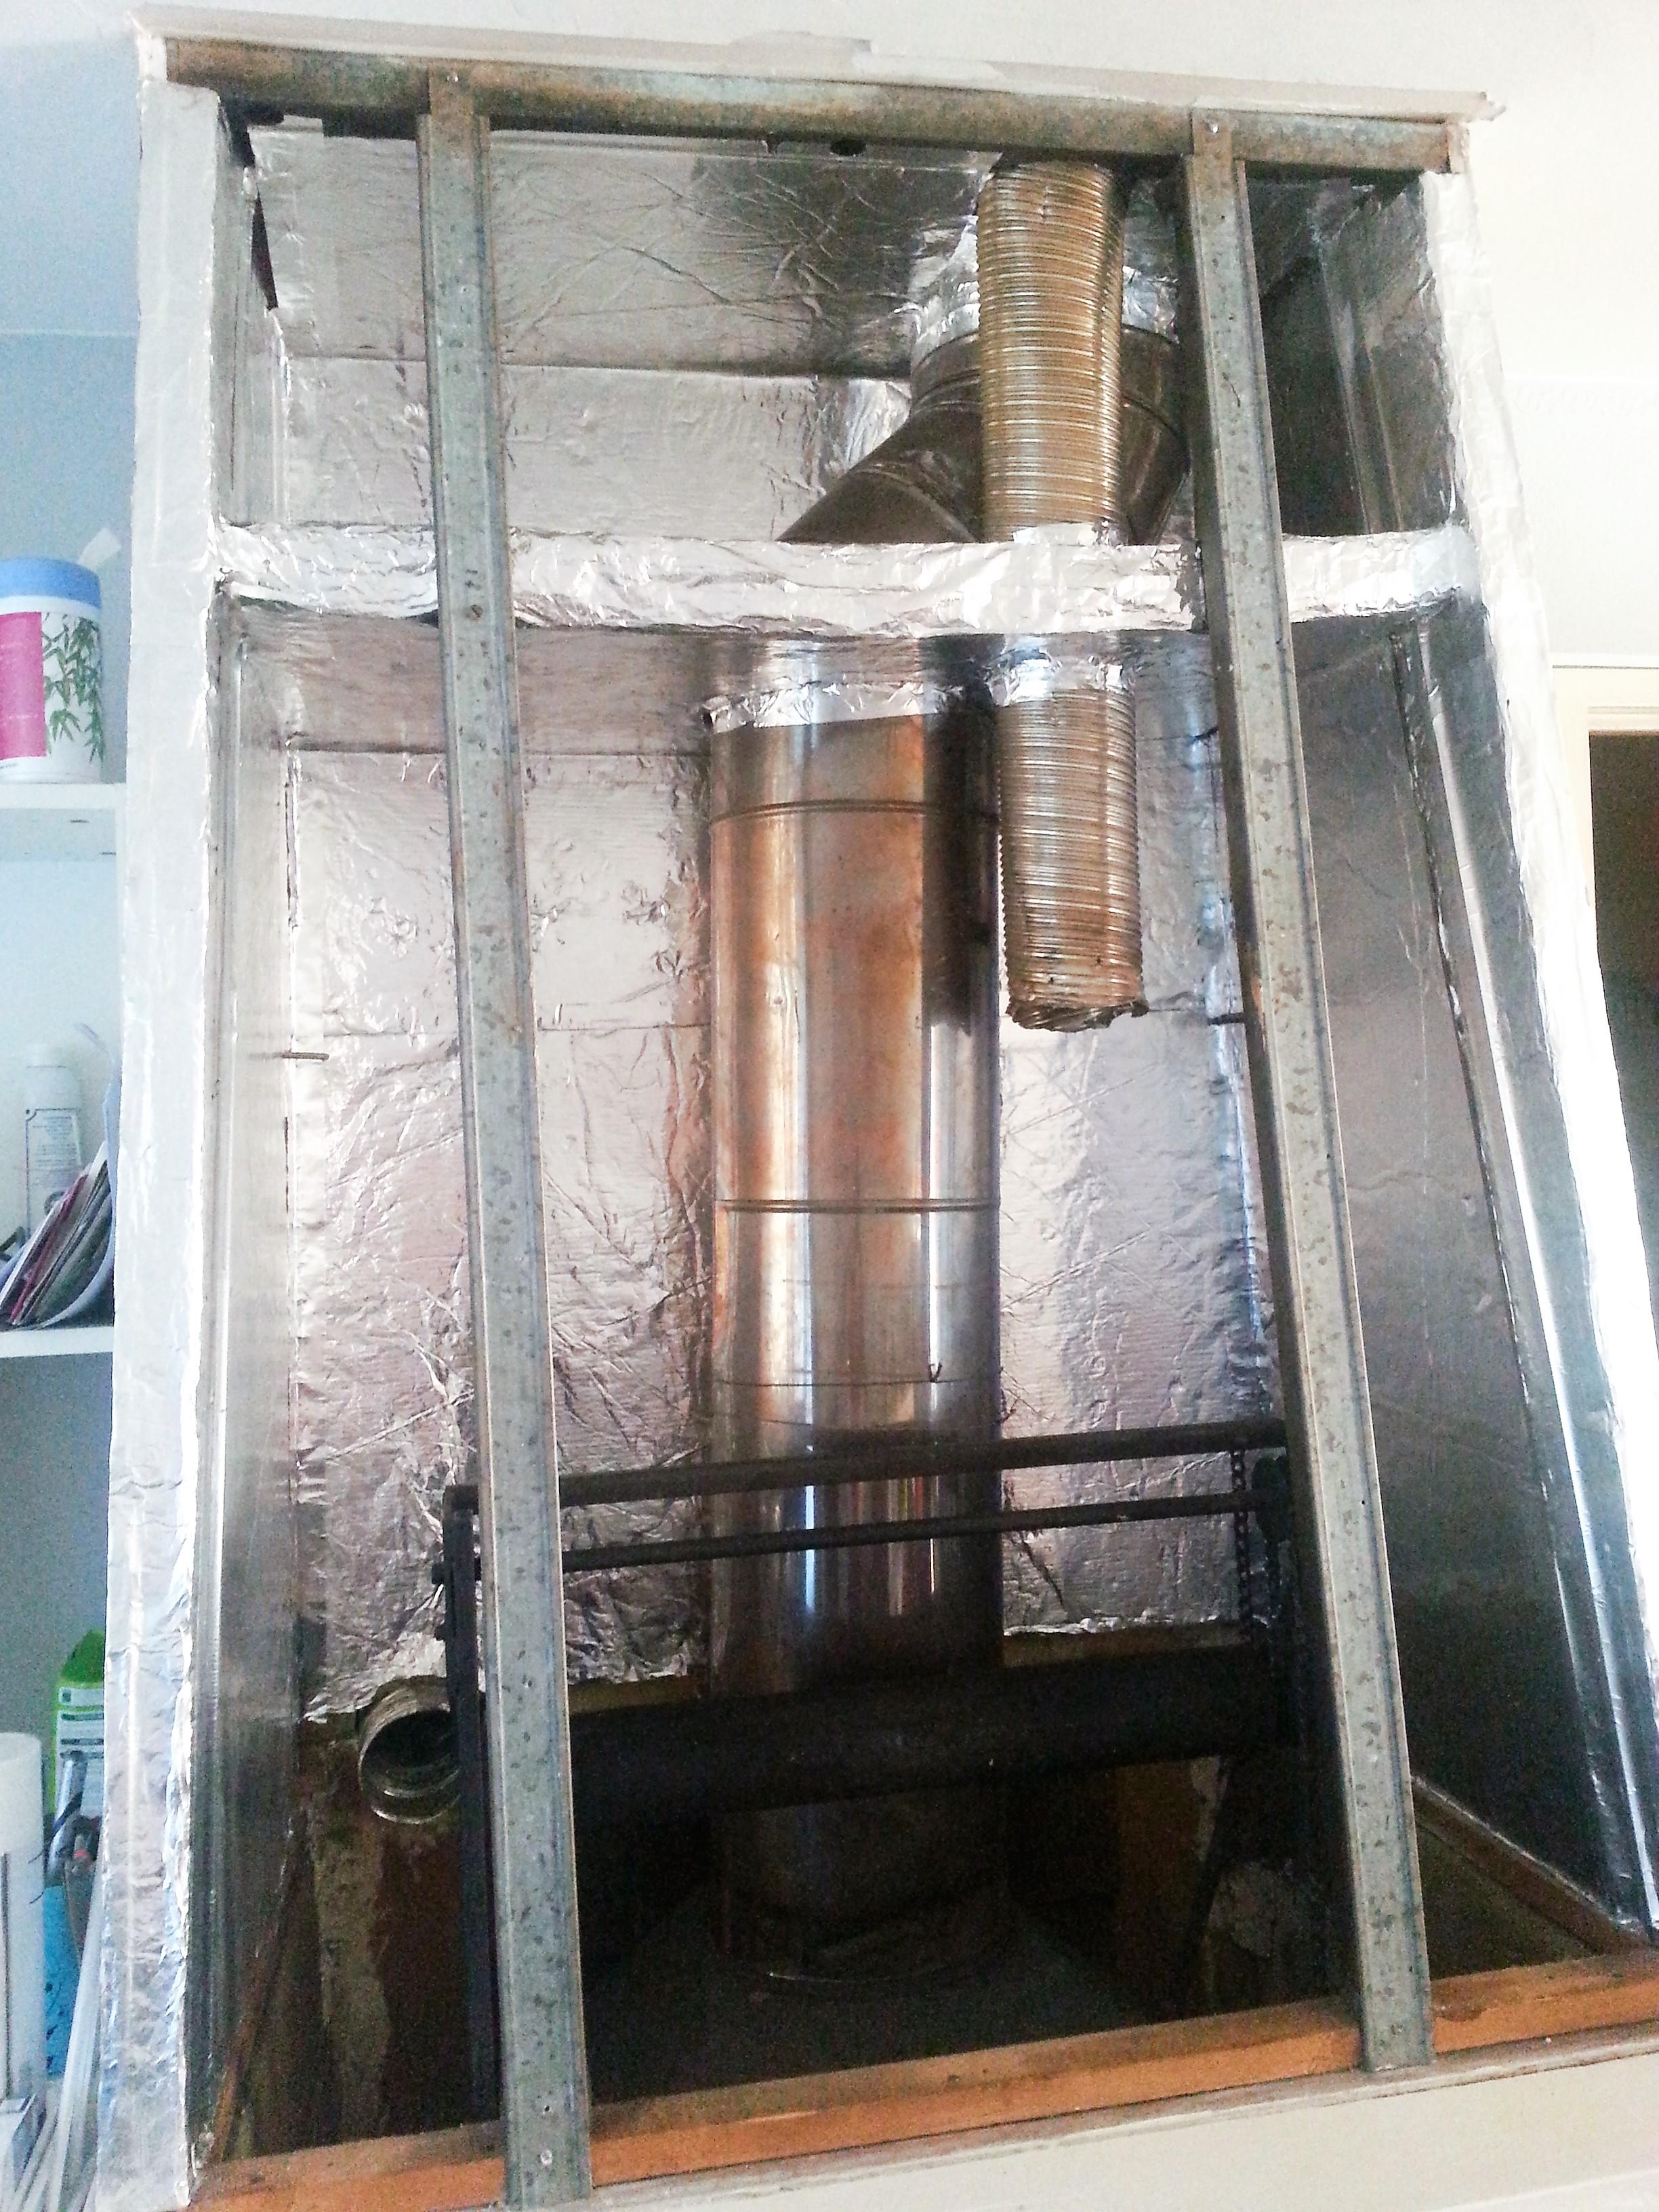 Récupération de chaleur hotte de cheminée - Communauté Leroy Merlin